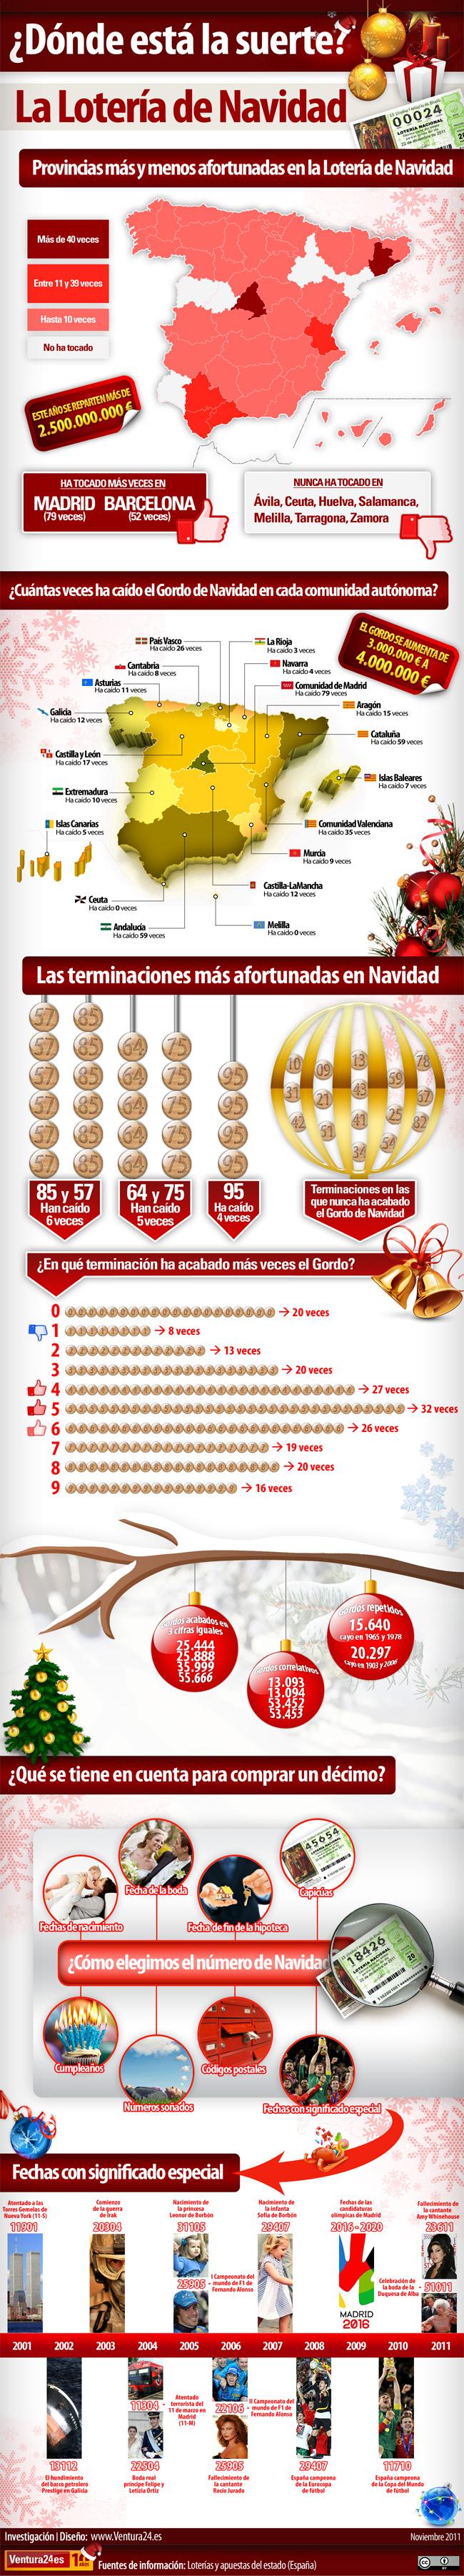 Infografía con estadísticas de la lotería de navidad